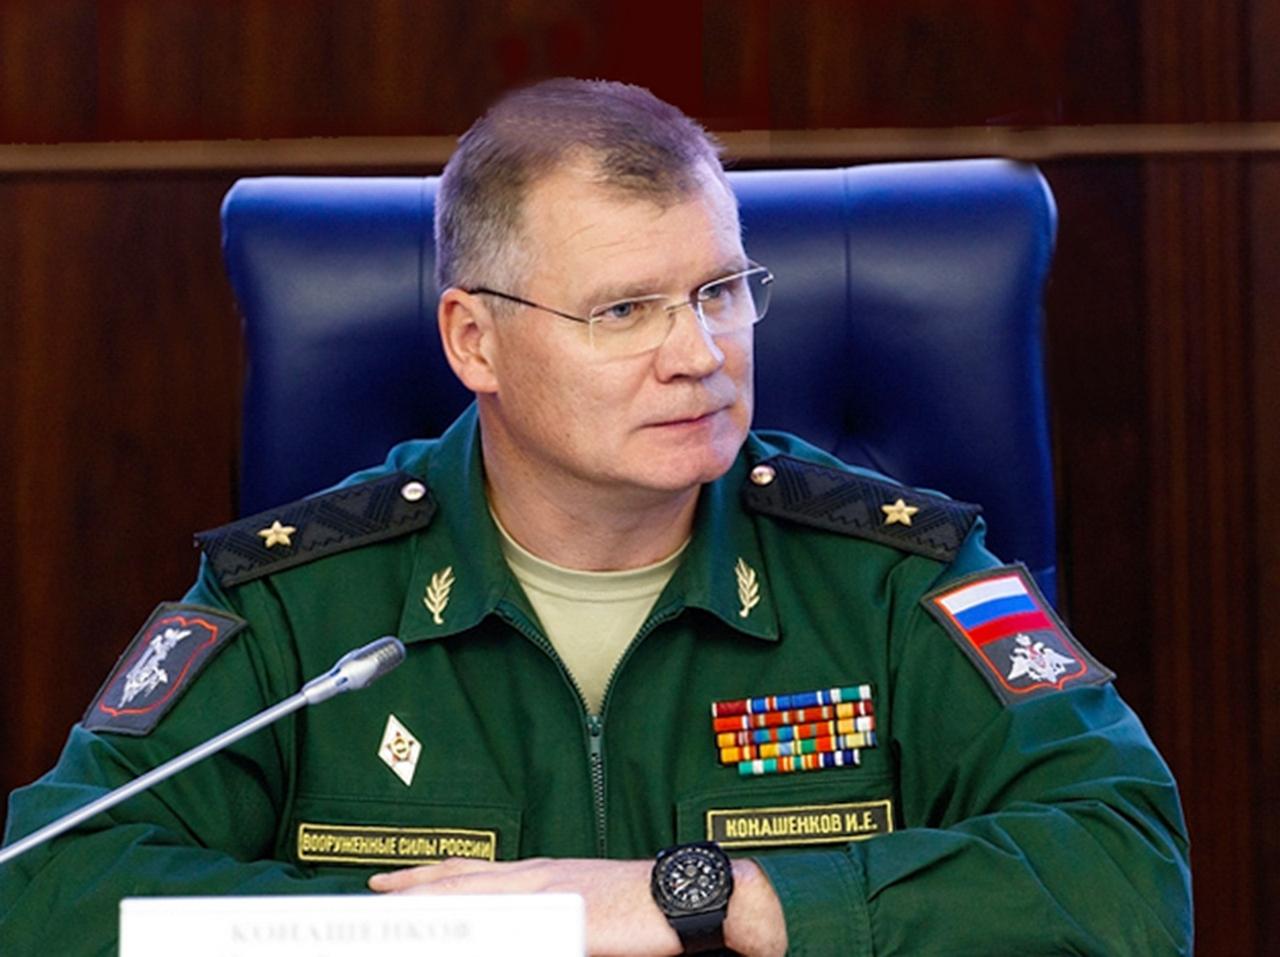 США имитируют борьбу с терроризмом: Минобороны РФ отчитало Пентагон